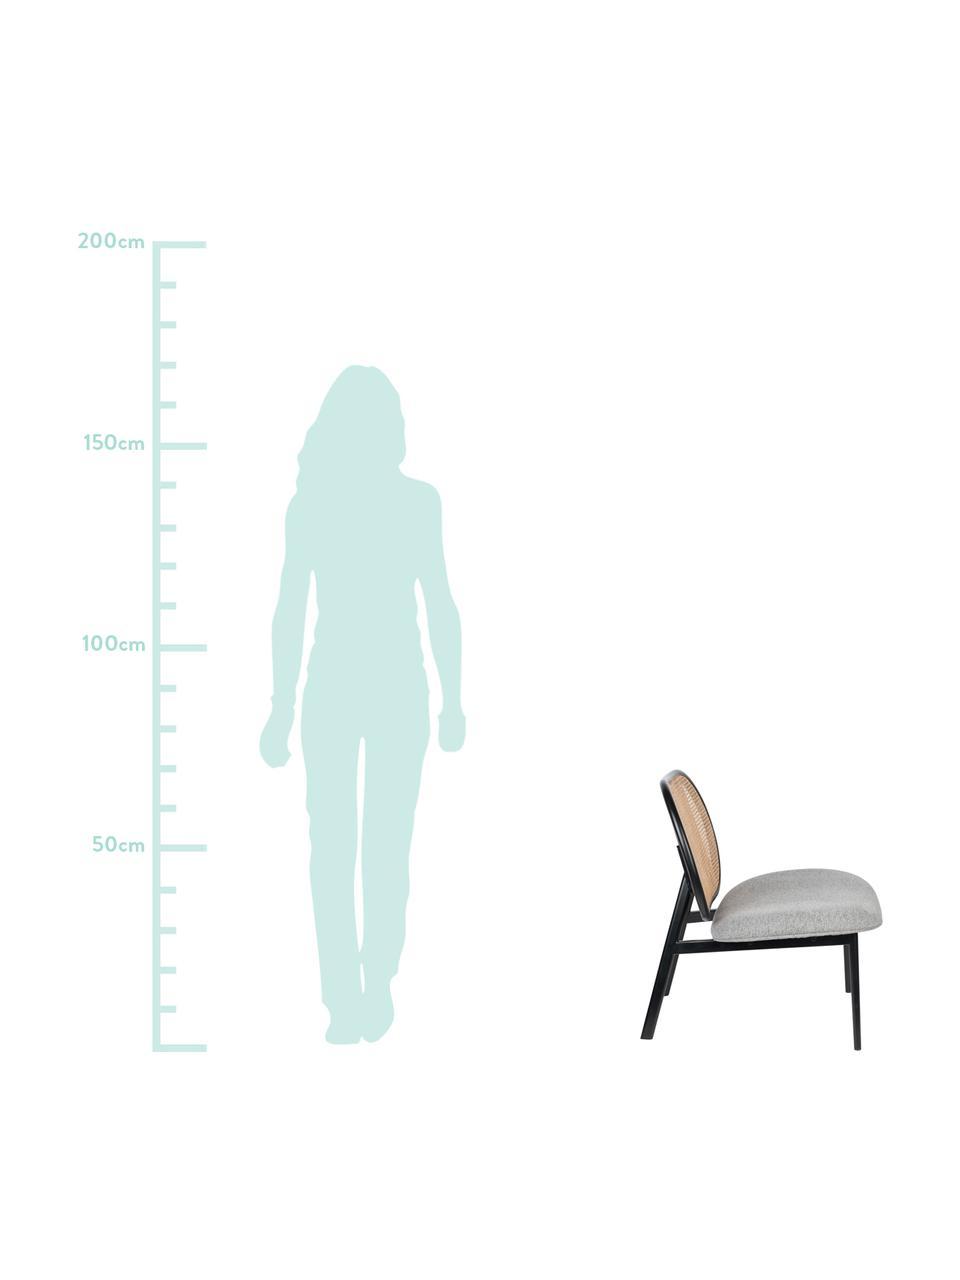 Fotel wypoczynkowy z plecionką wiedeńską Spike, Tapicerka: poliester 100 000 cykli w, Stelaż: rattan, drewno bukowe, Nogi: metal malowany proszkowo, Beżowy, szary, S 79 x G 70 cm